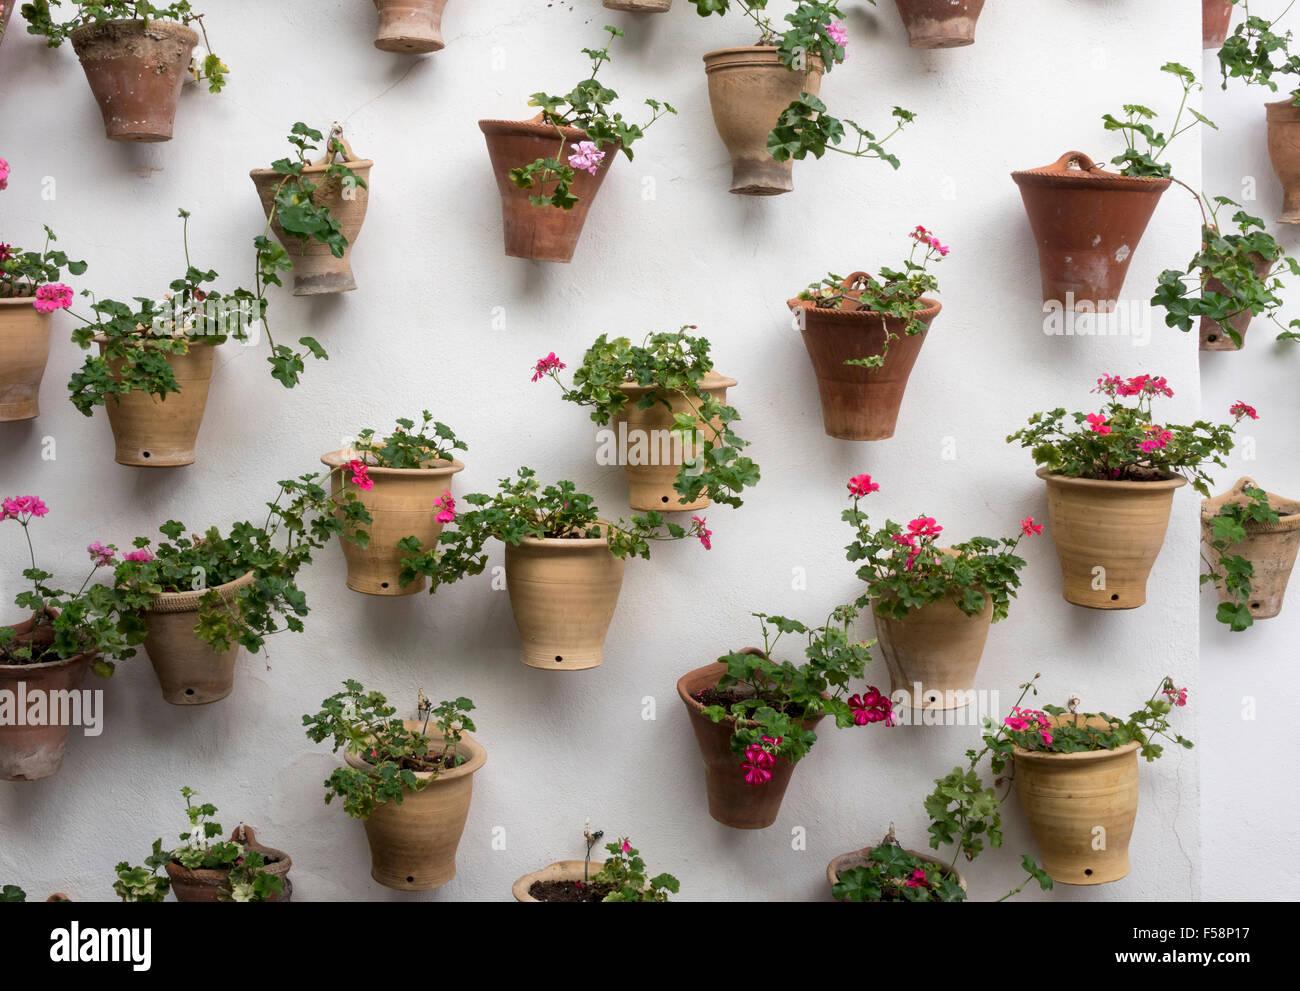 Cortile con giardino verticale di giardinaggio - fiori in vasi per piante attaccato ad un muro bianco Immagini Stock